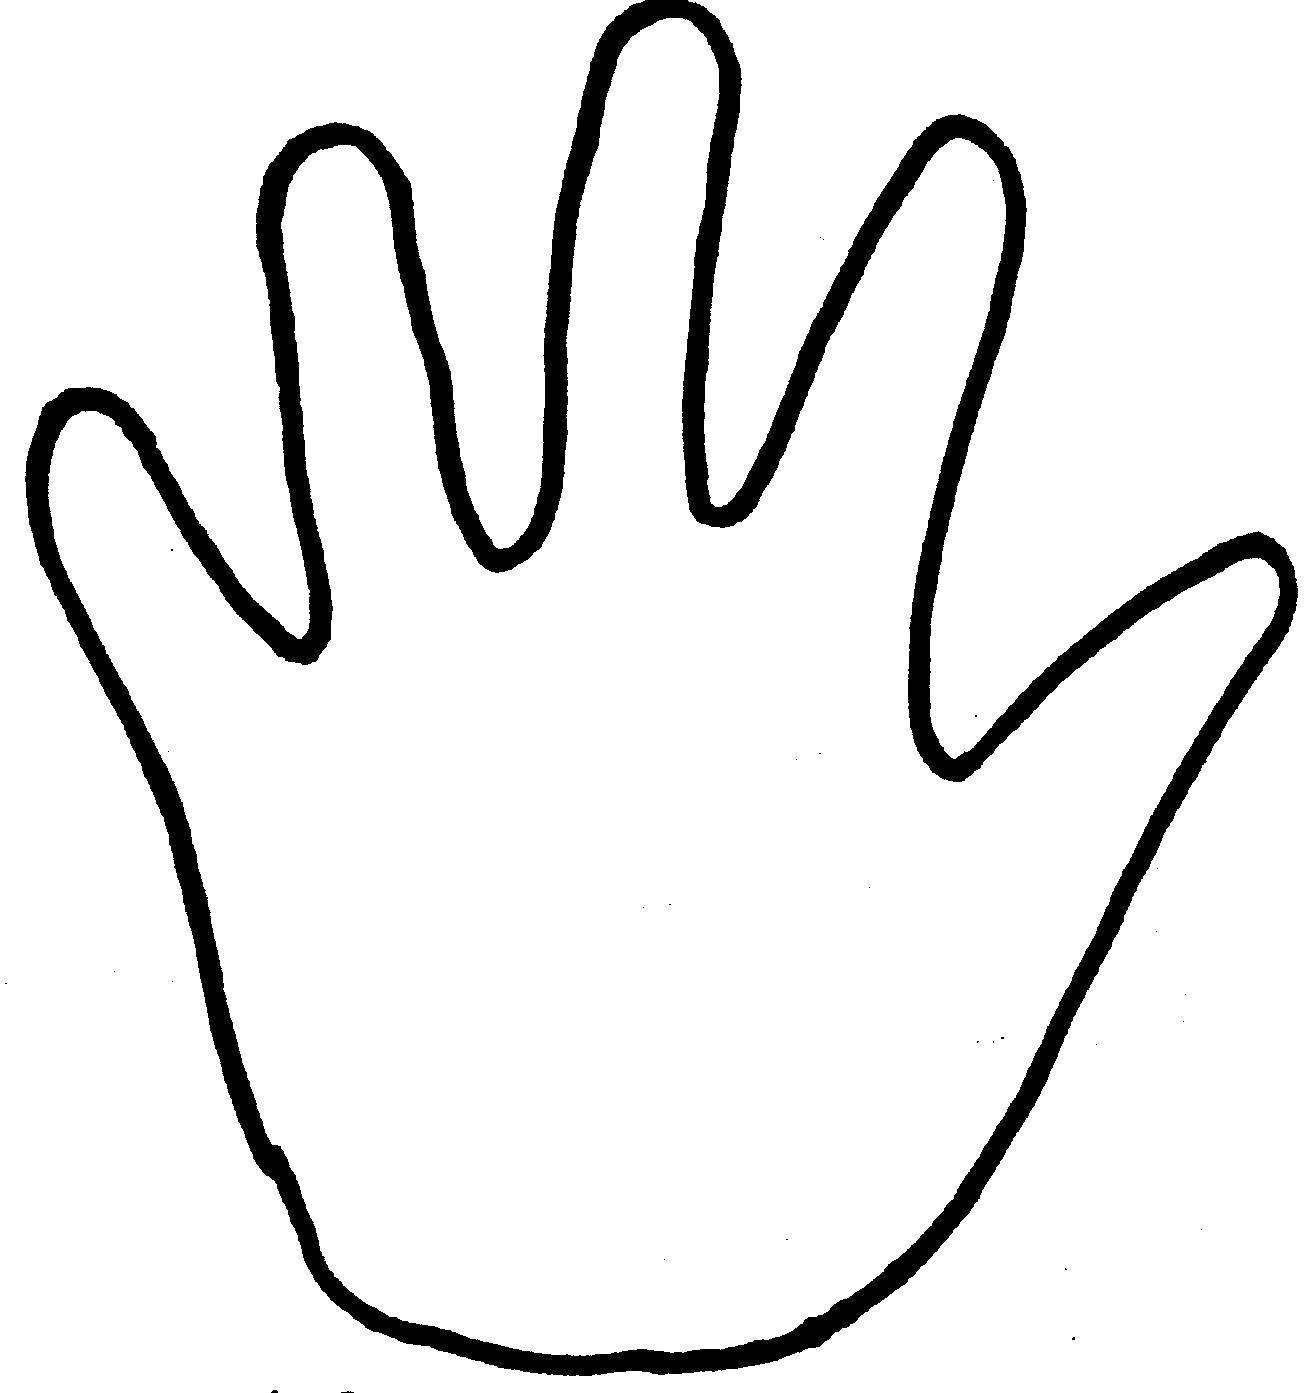 Раскраска Контур руки для вырезания Скачать руки, ладони, для вырезания.  Распечатать ,Контур руки и ладошки для вырезания,